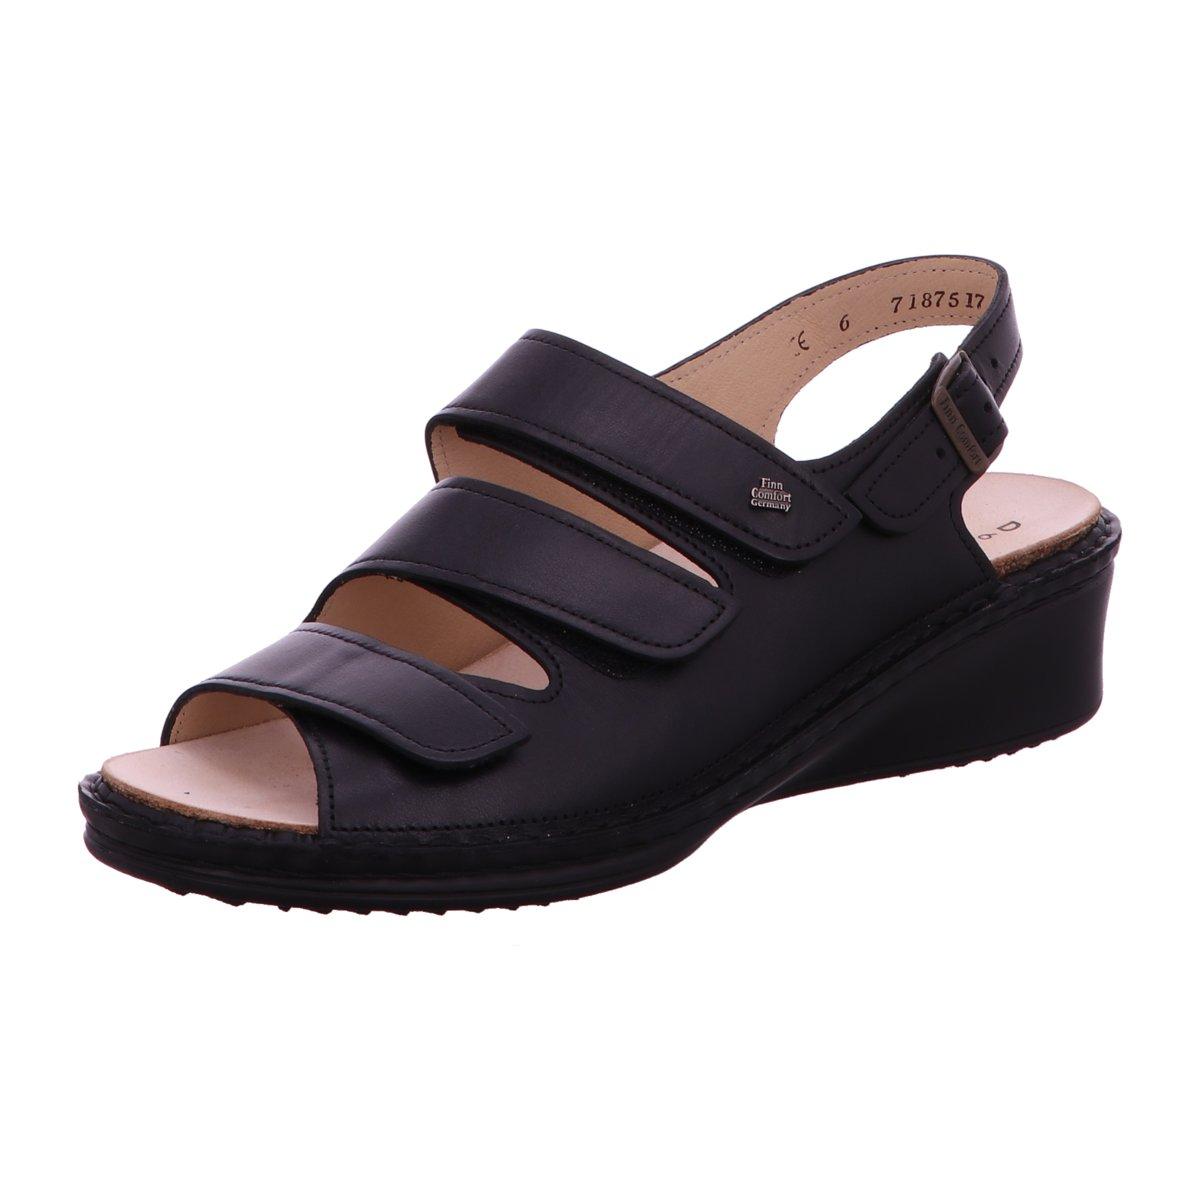 NEU FinnComfort Damen Sandaletten SAMOA 014099 schwarz 342075